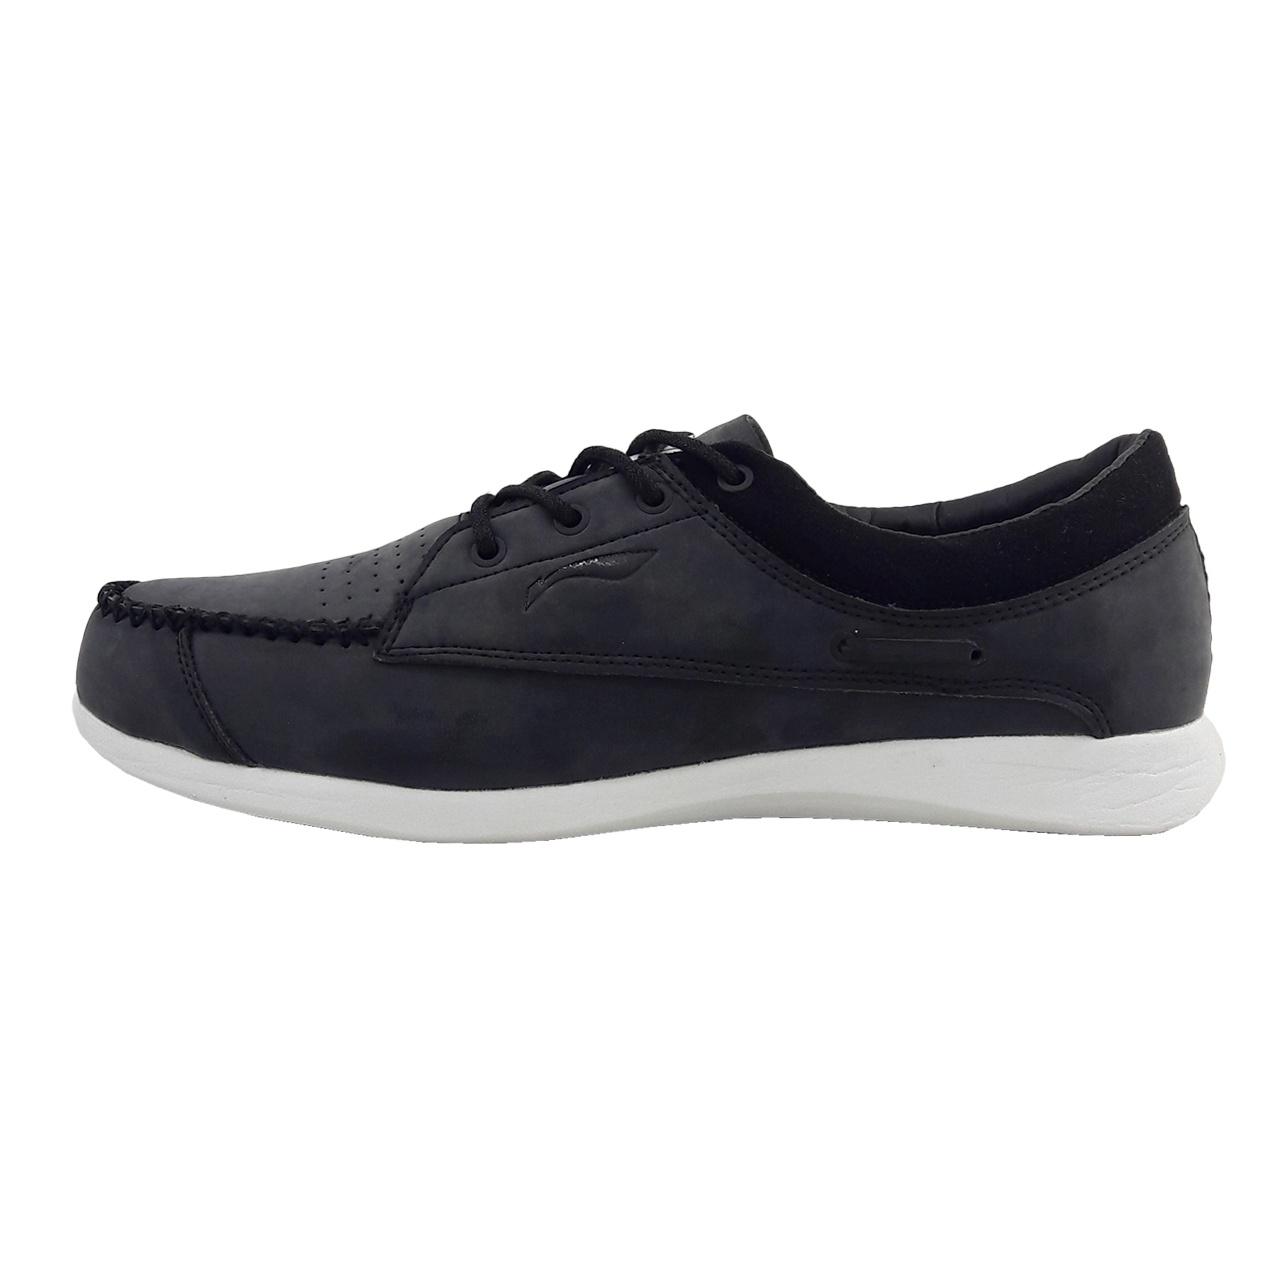 کفش روزمره مردانه ویوا کد M3642-a